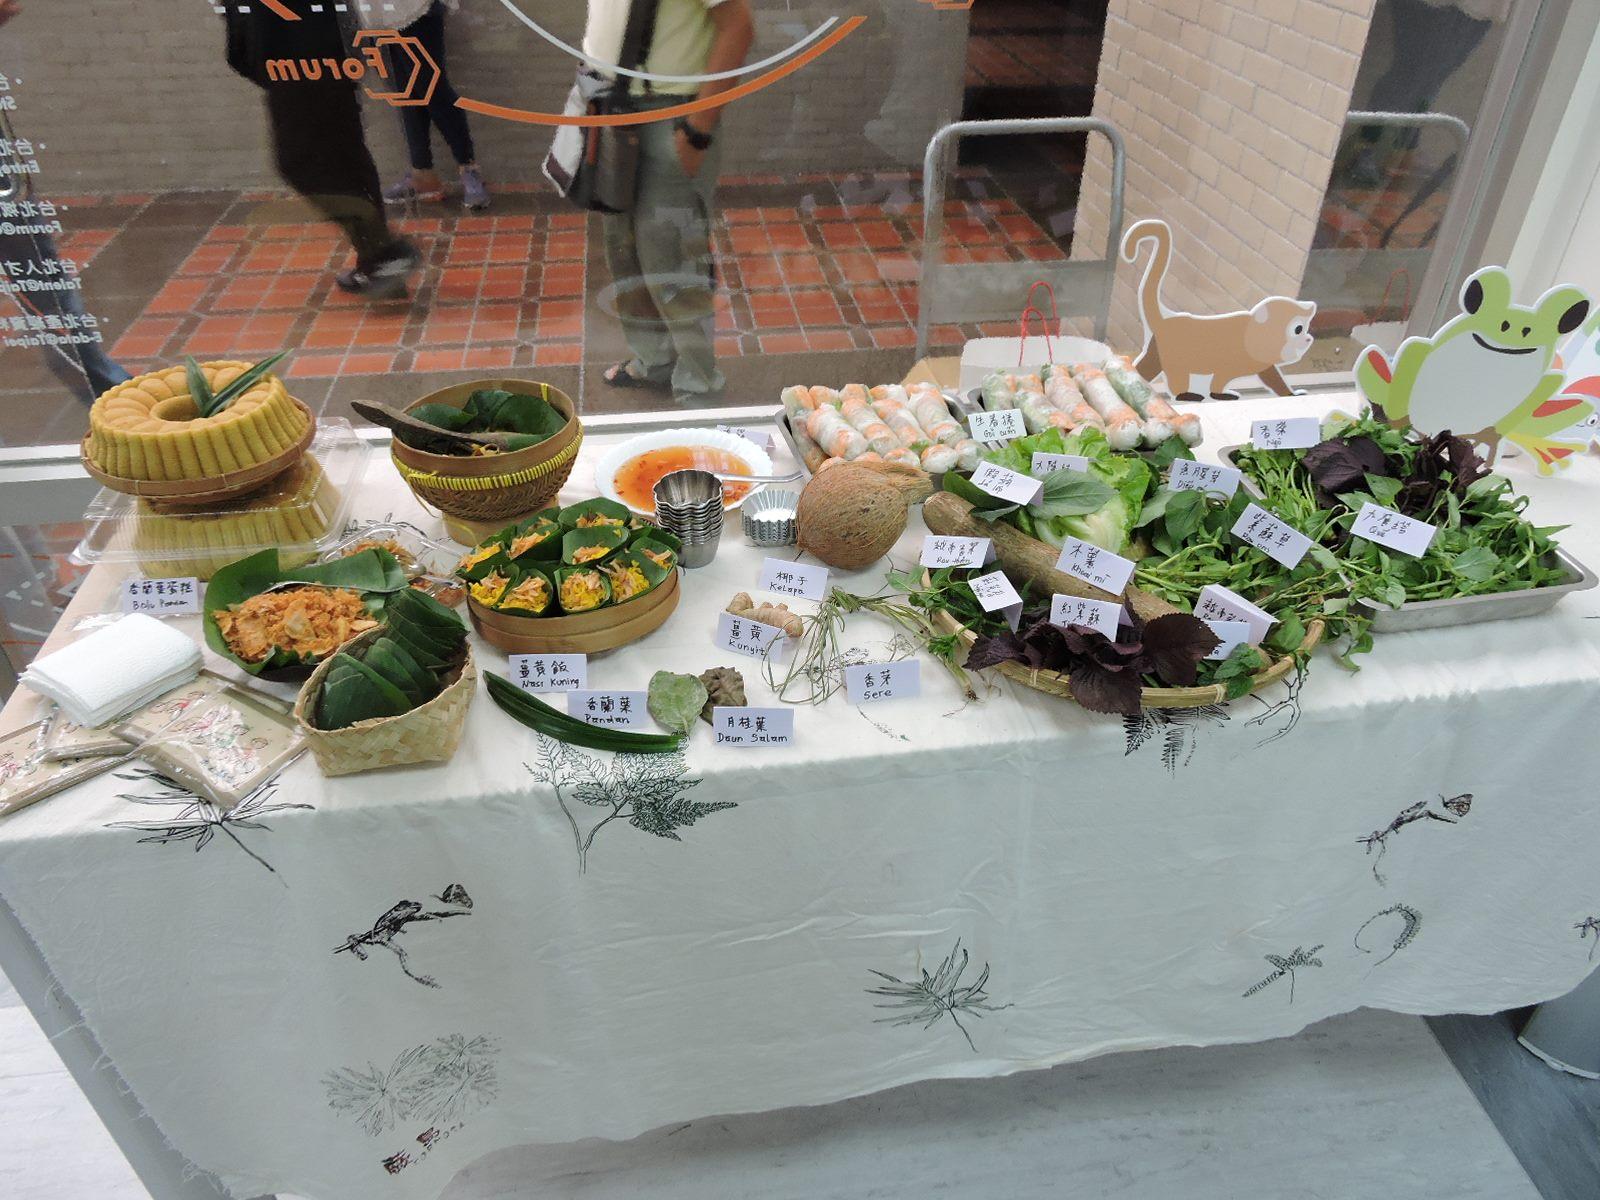 東南亞餐桌展示各種植物及所製成的佳餚